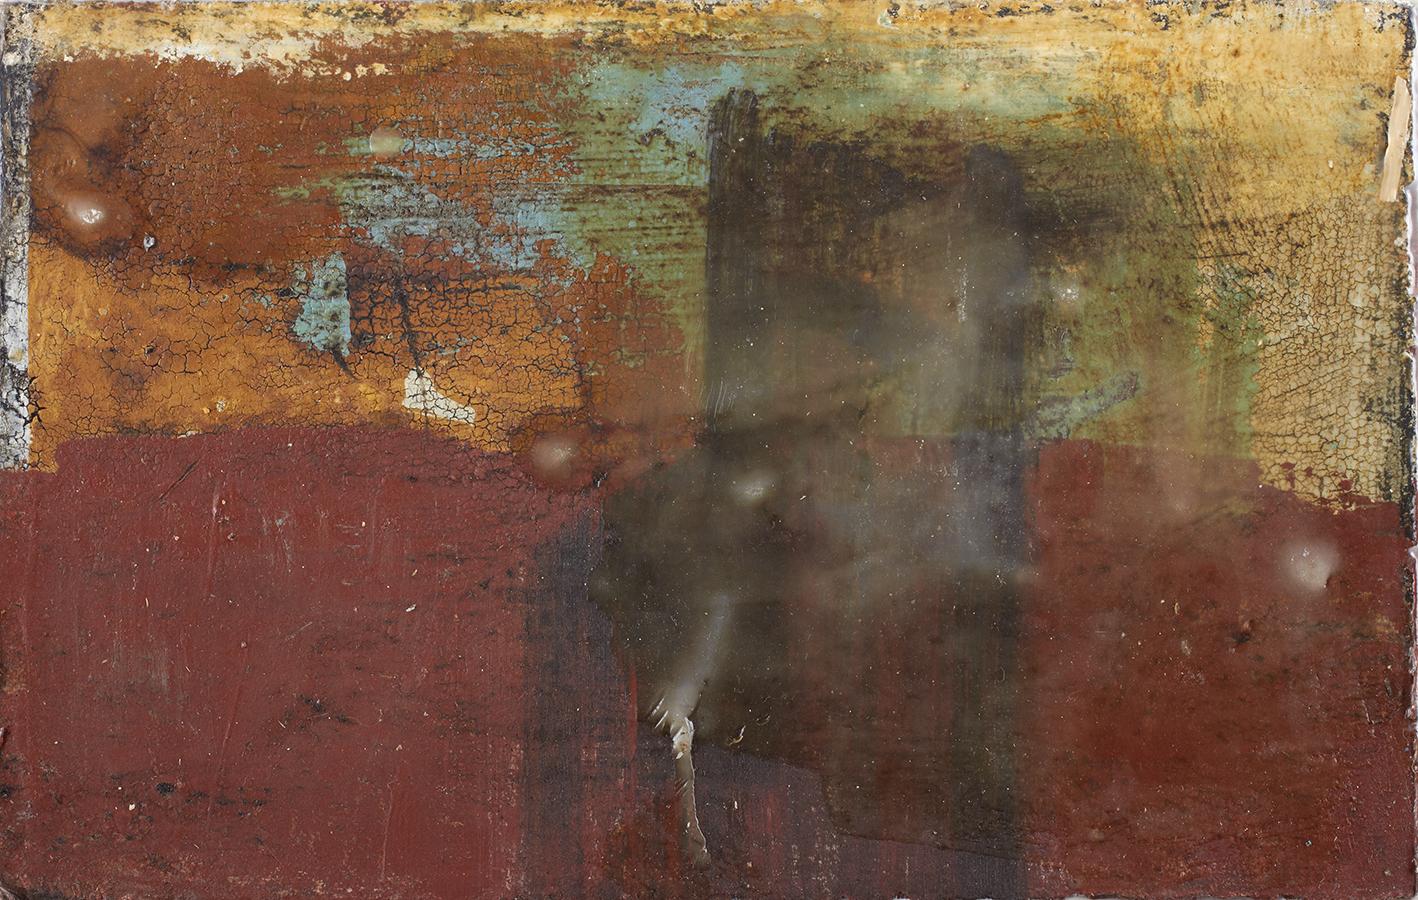 2012_-_Joaqu°n_Pi§eiro,_De_viajes_y_soledades_7,_Mixta_sobre_papel_y_madera,_16.5_x_26_cms